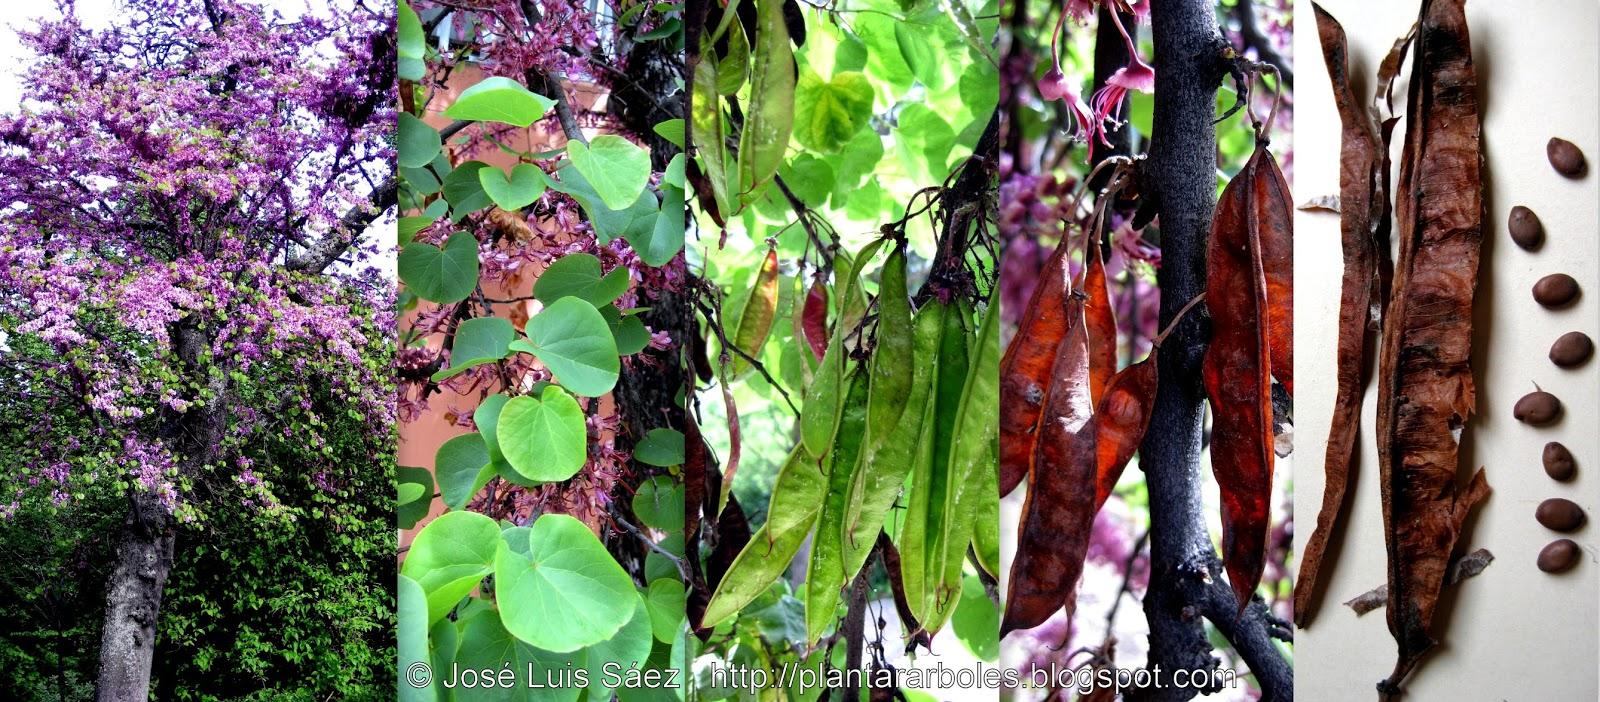 Plantar rboles y arbustos rboles no aut ctonos de for El arbol que no tiene hojas